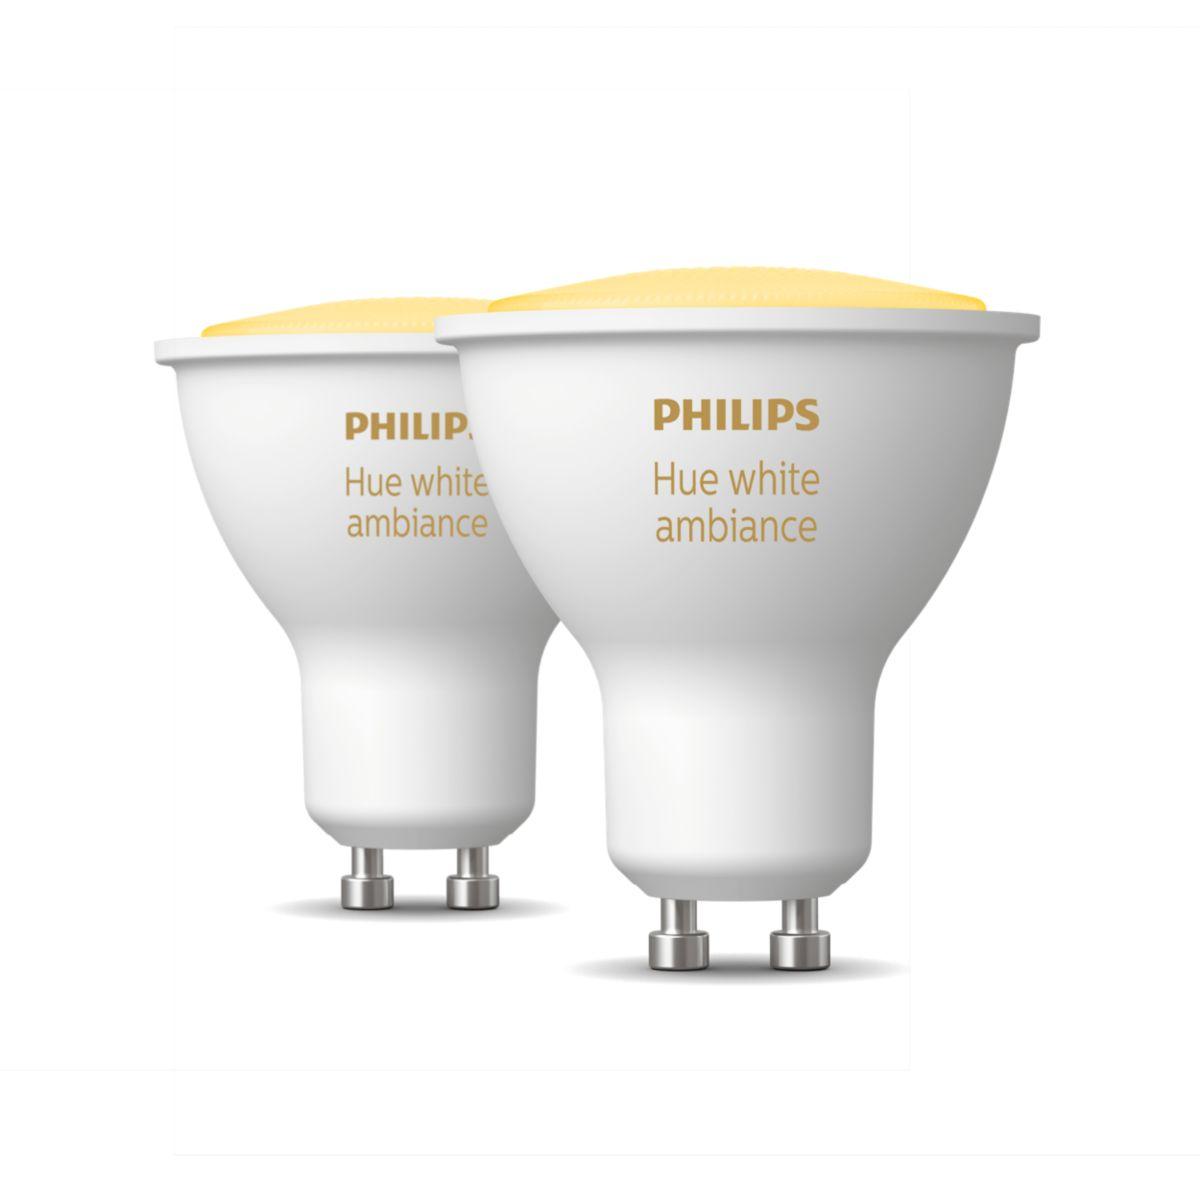 Inteligentne żarówki GU10 Philips hue White ambiance 8718699629298 929001953303